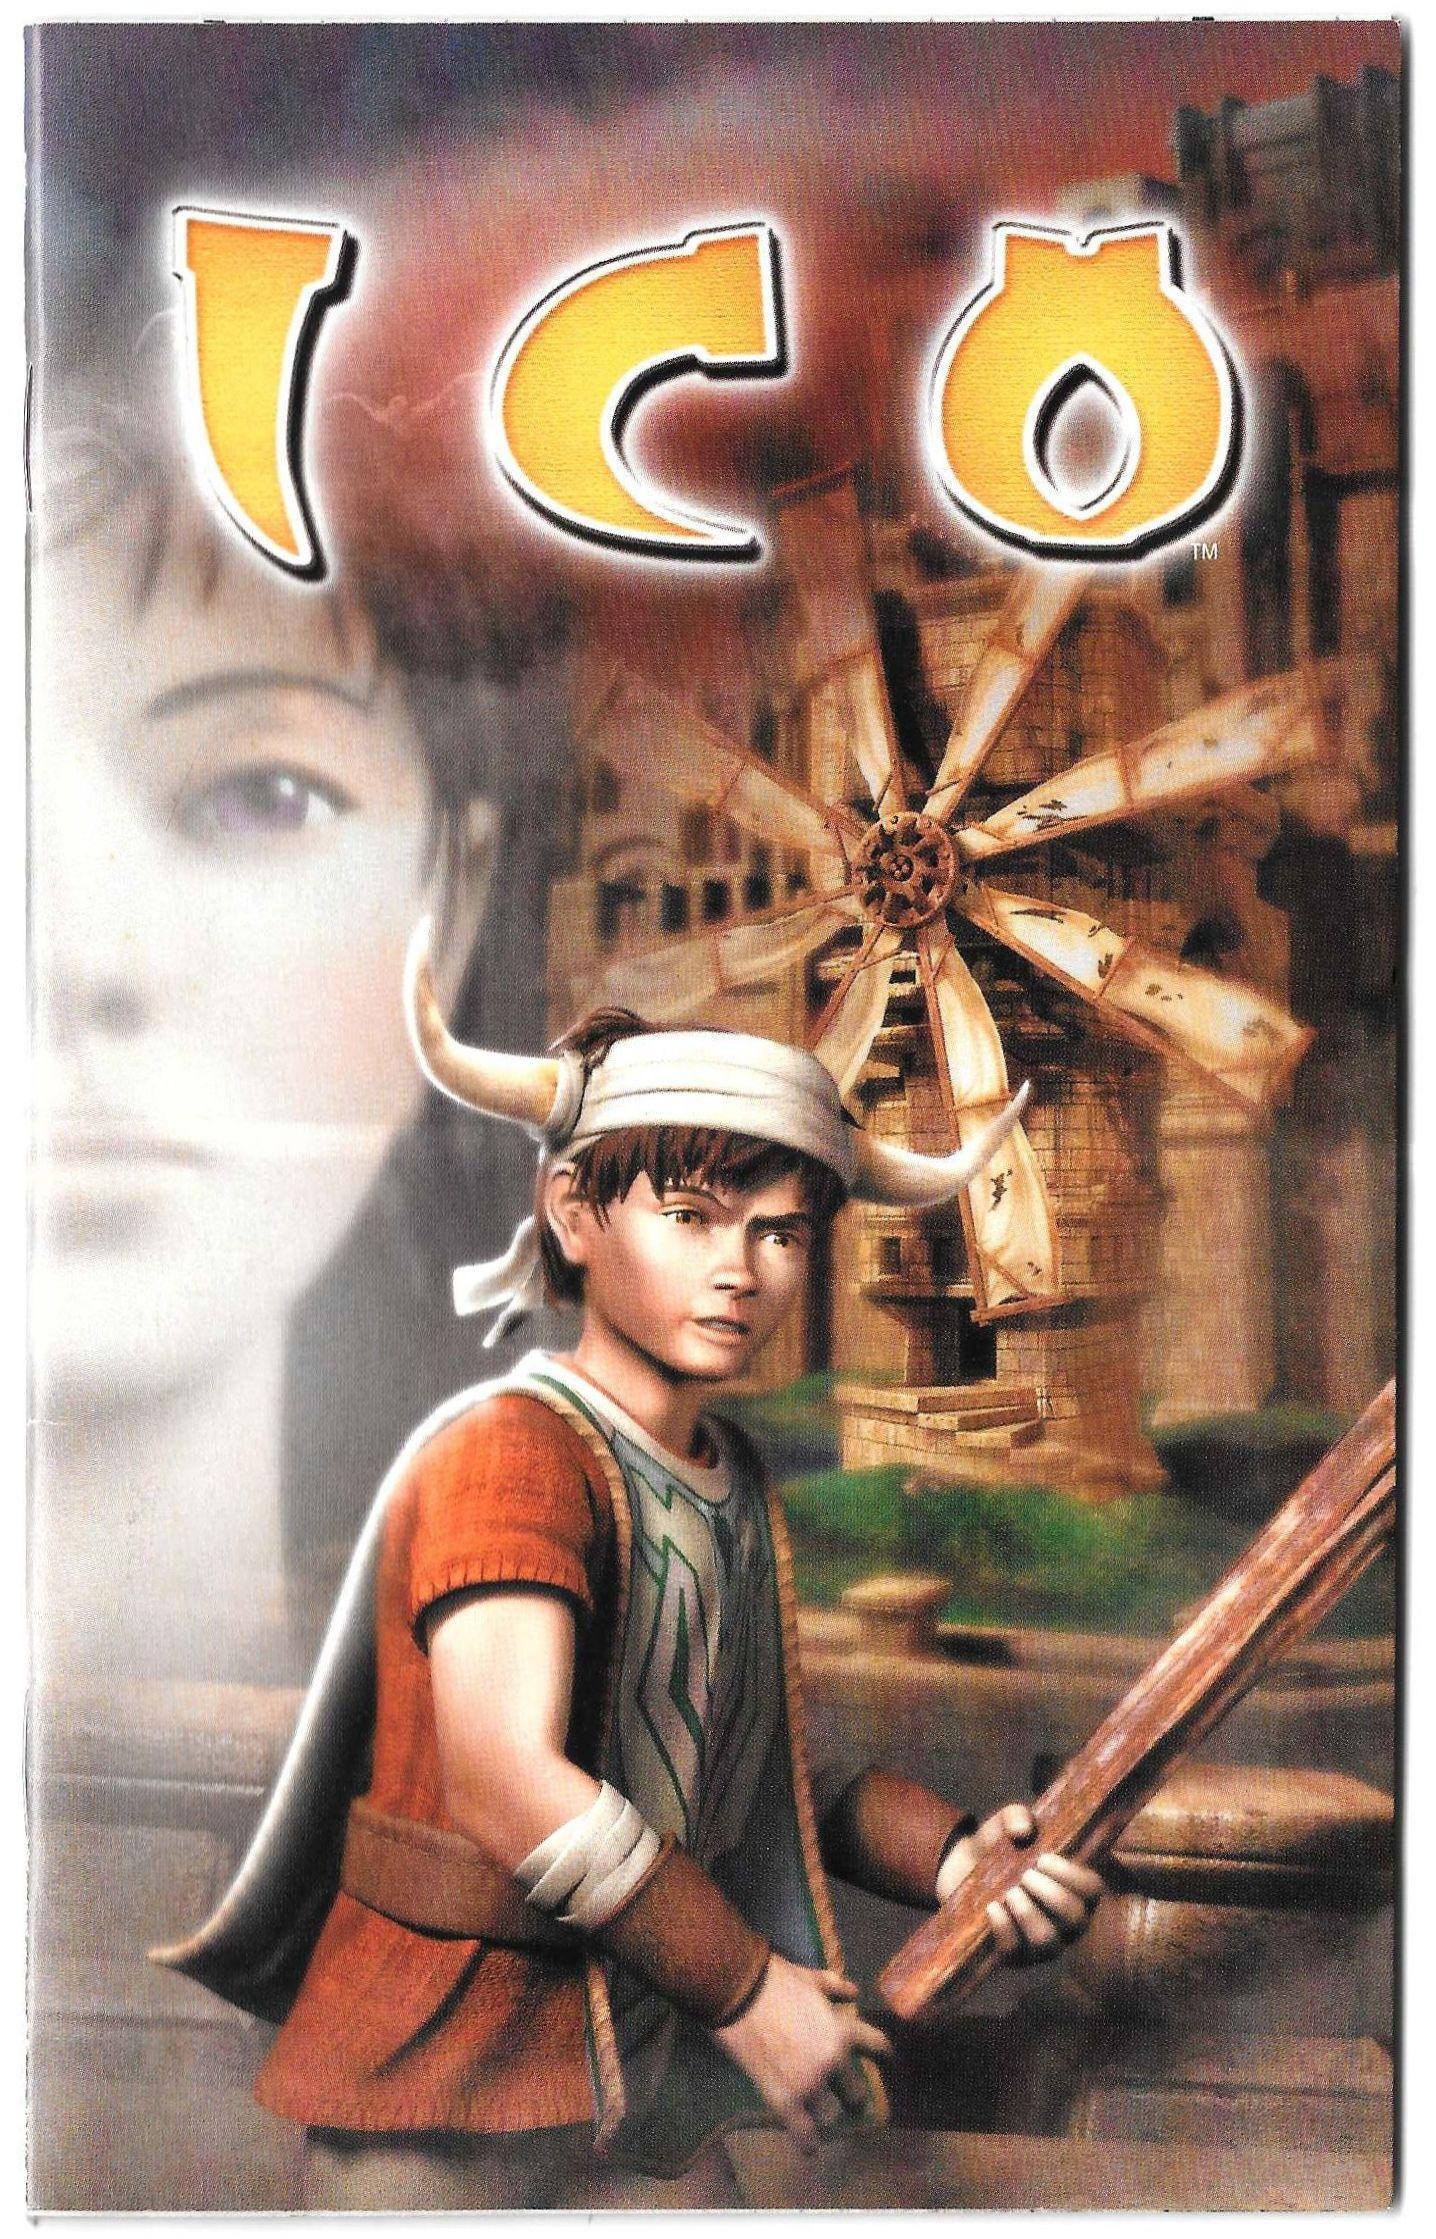 ICO manual (PS2)